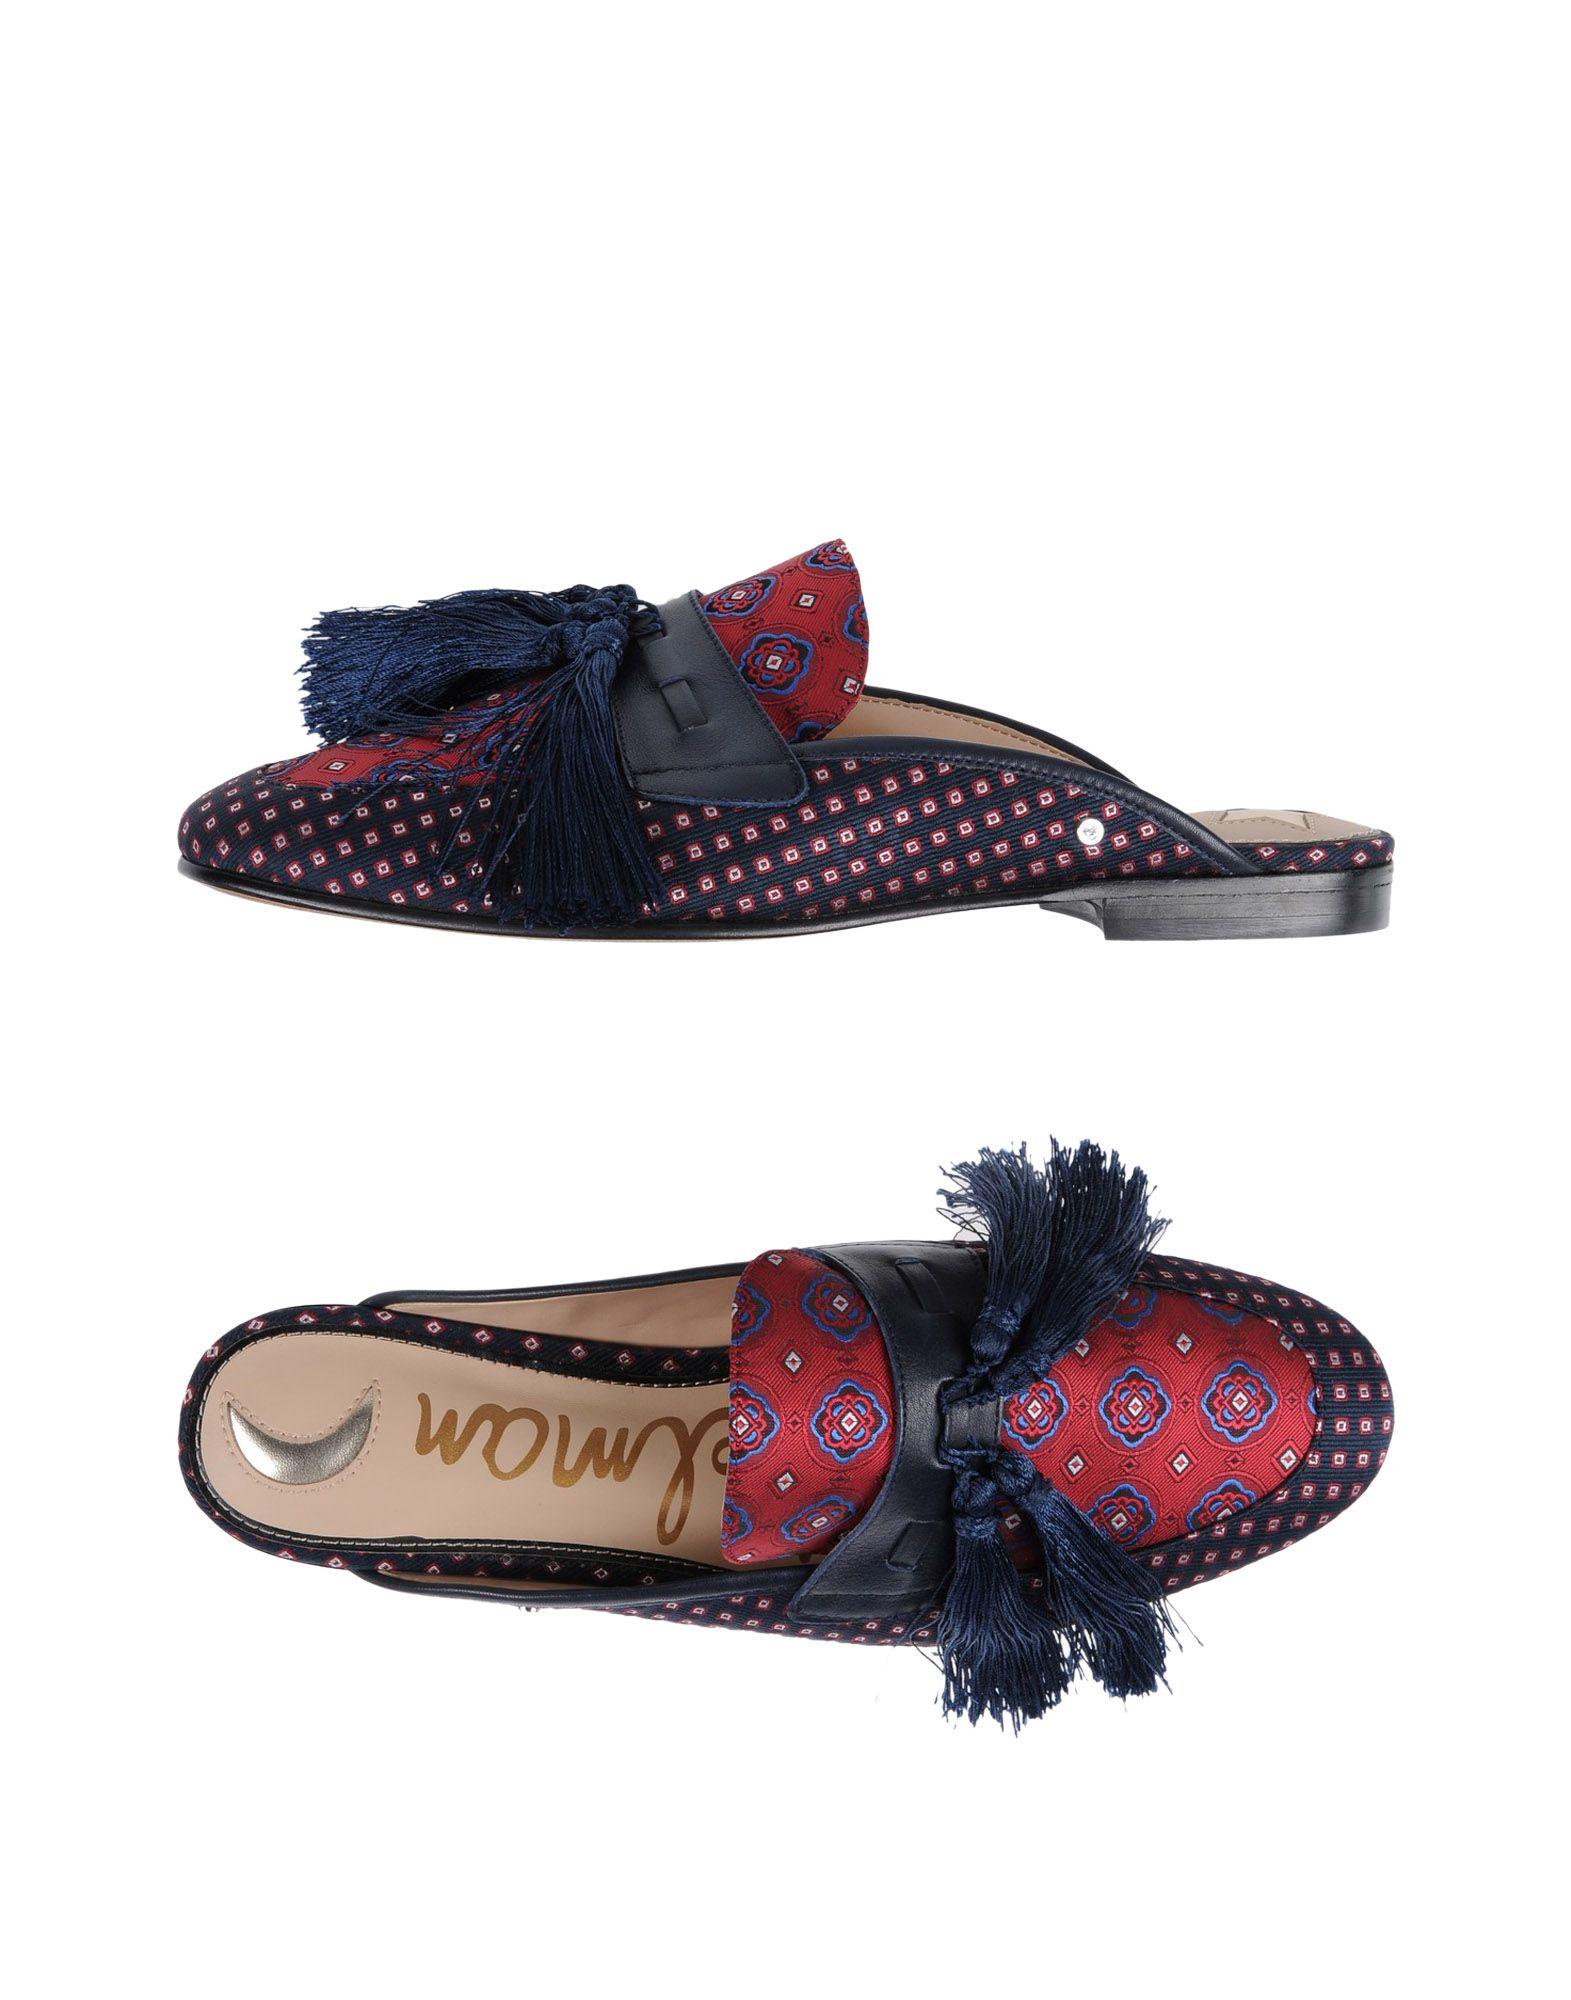 Sam Edelman Gute Pantoletten Damen  11449209LO Gute Edelman Qualität beliebte Schuhe 24123b